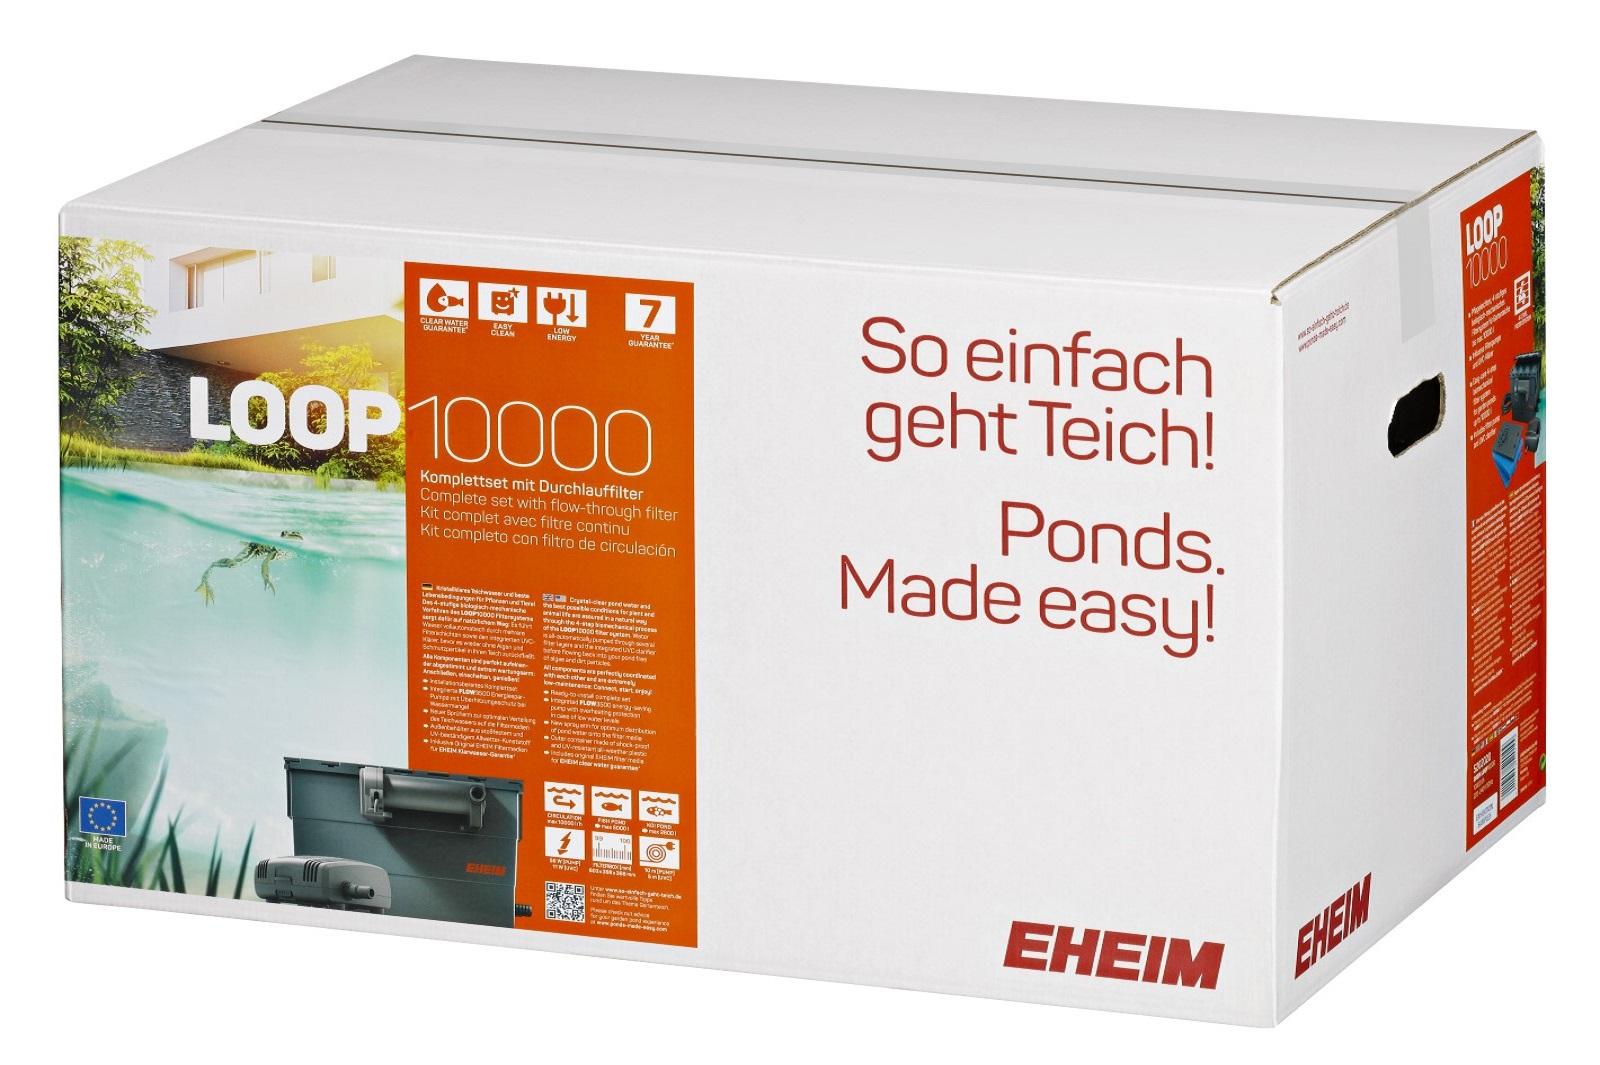 Eheim LOOP10000 l Komplett Set mit Durchlauffilter